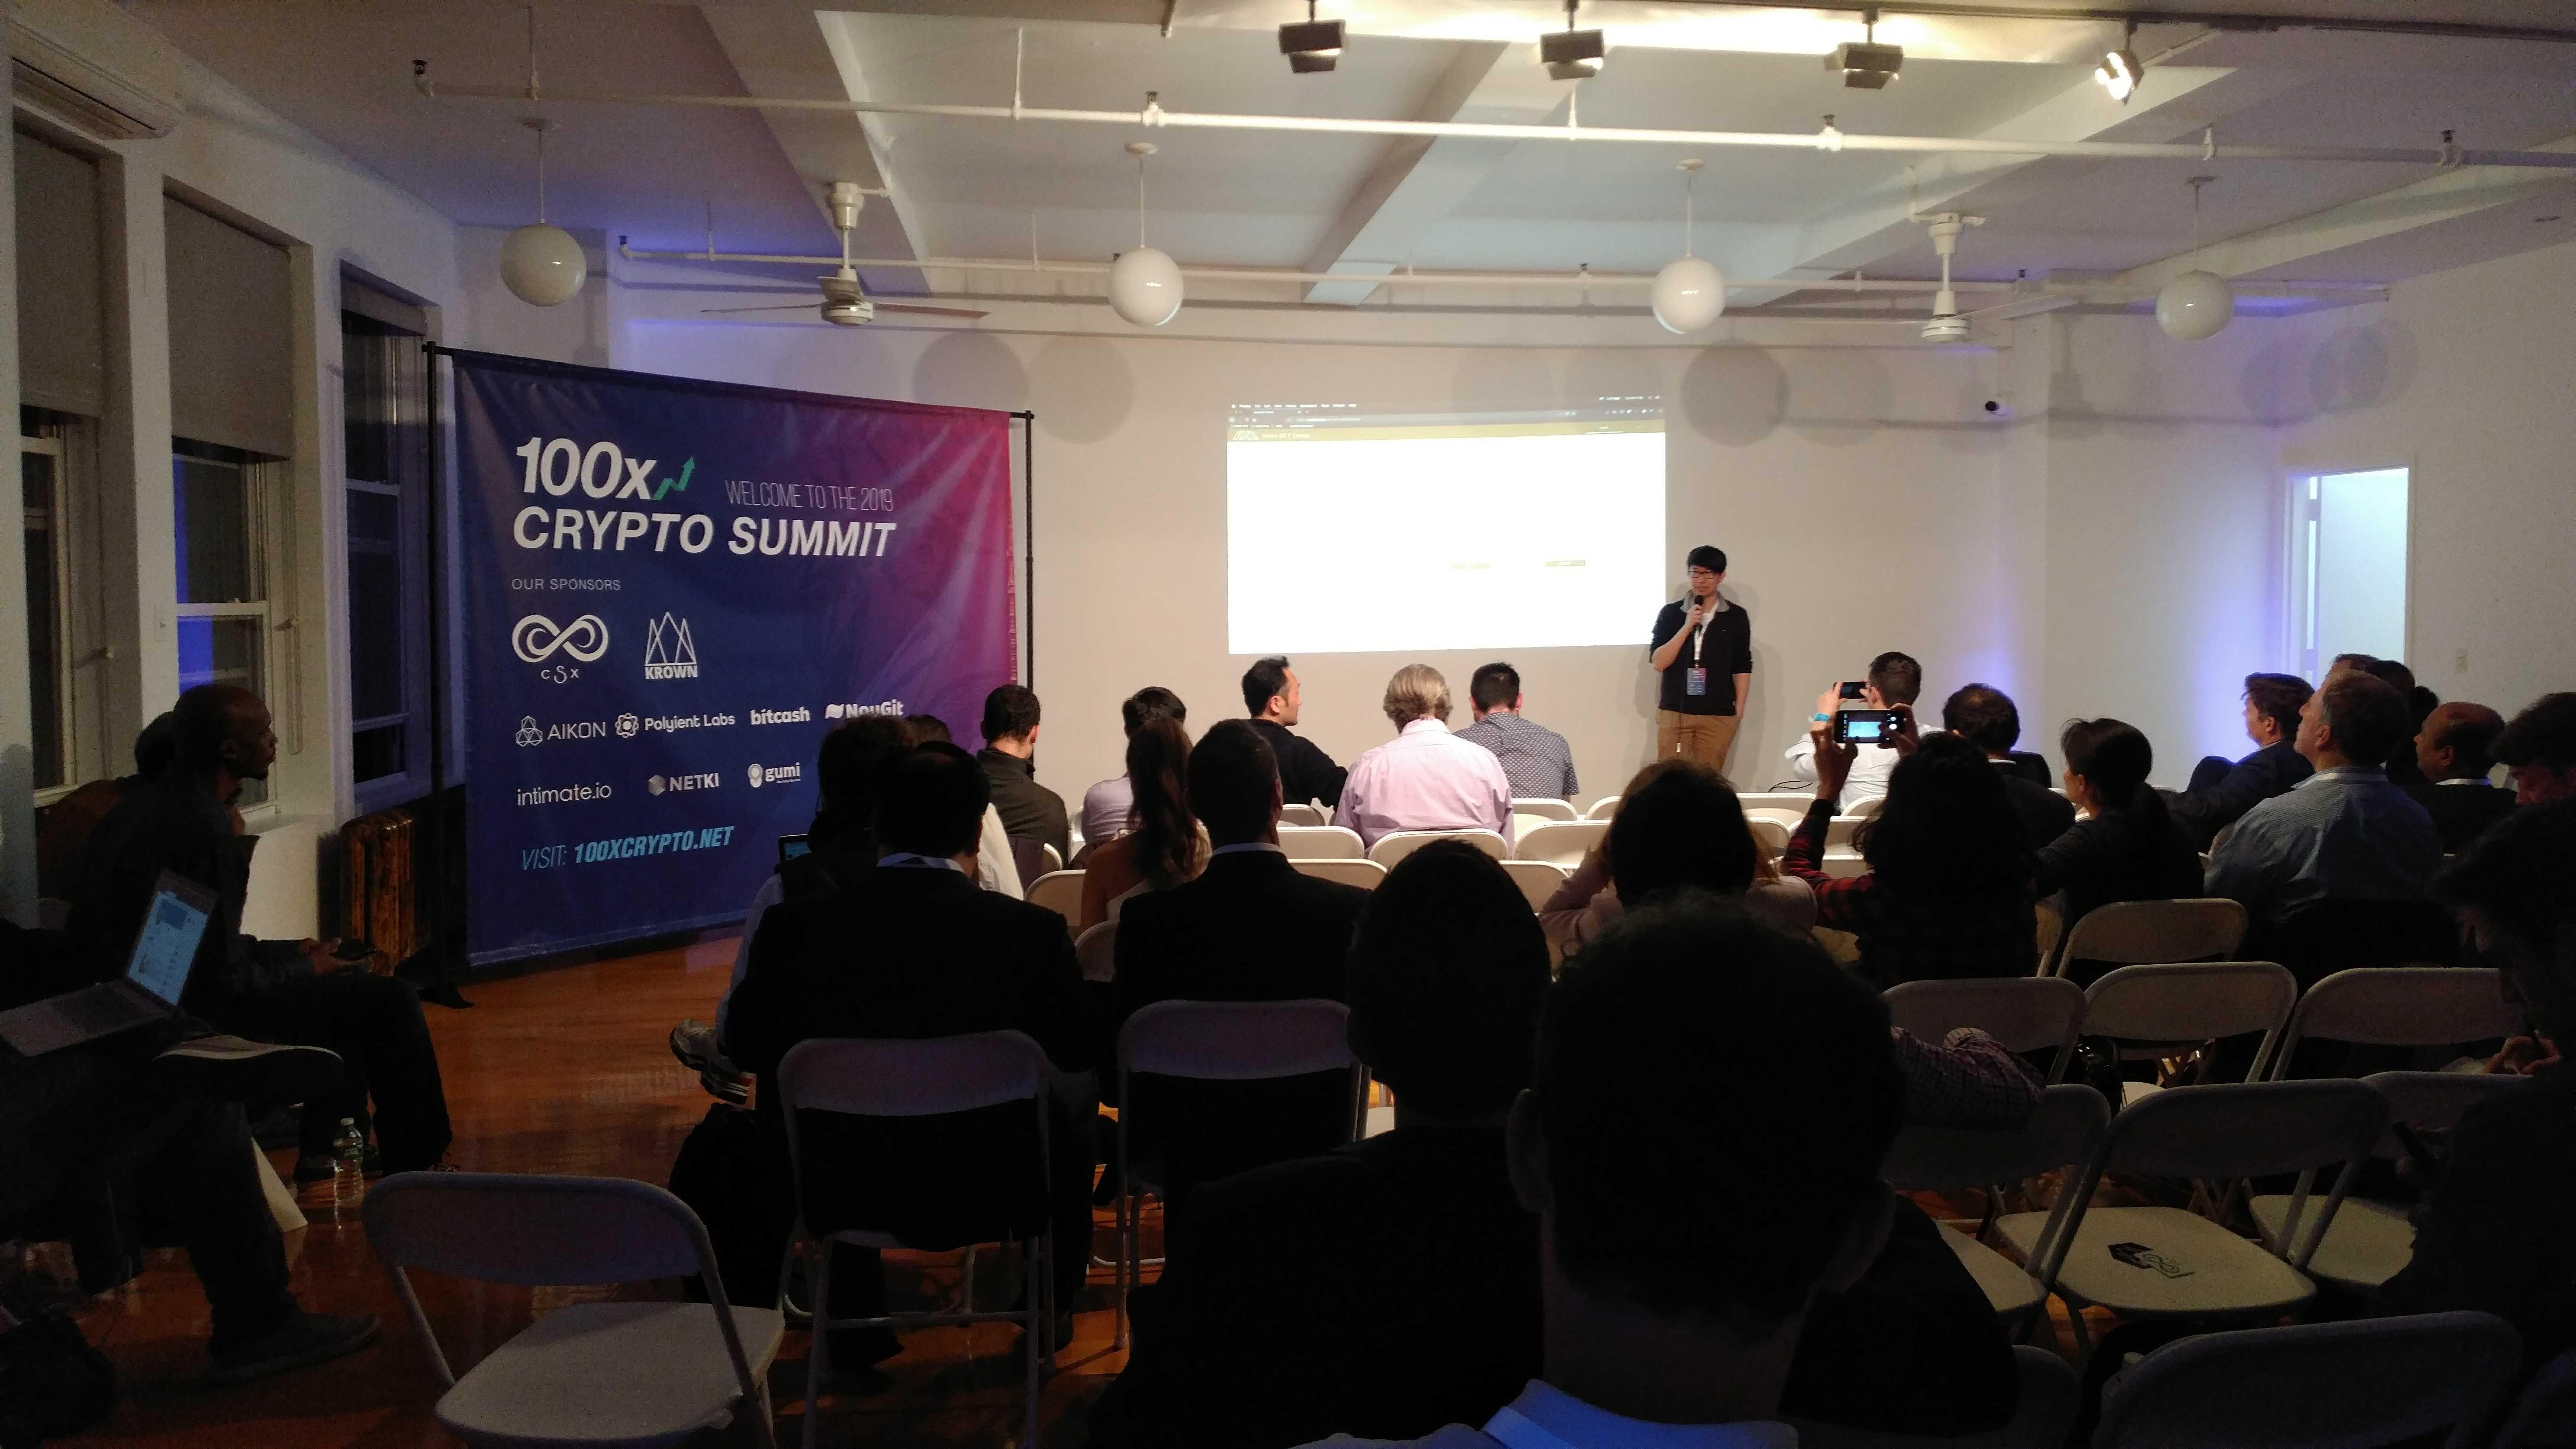 100x Crypto Summit